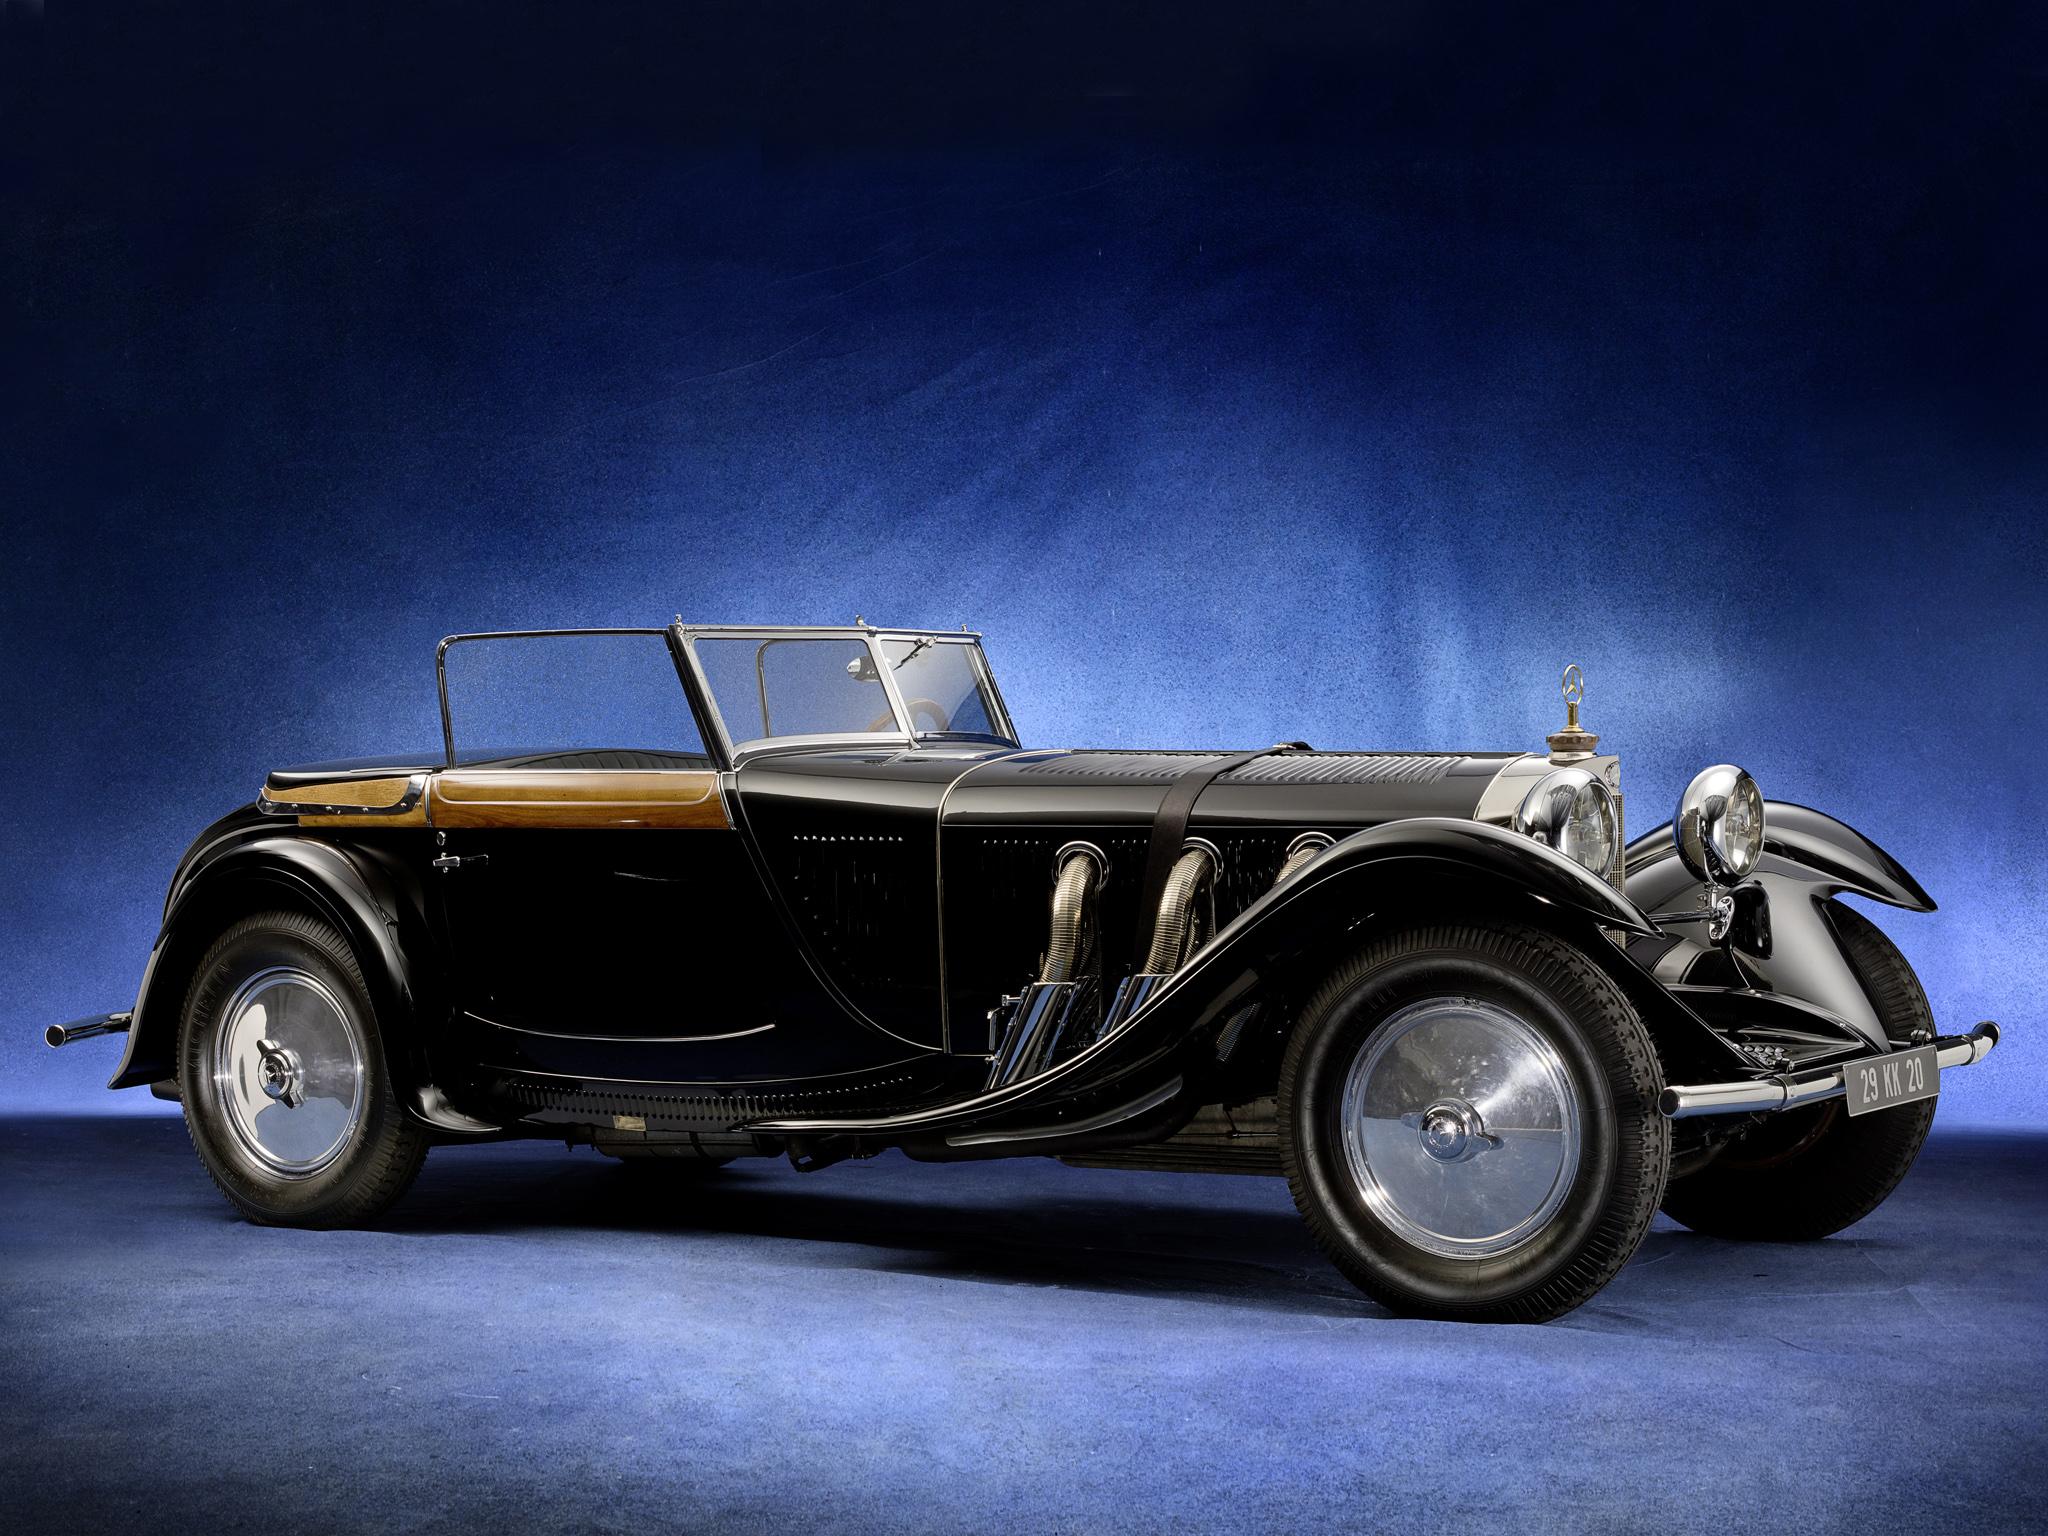 3840x1080 Wallpaper Classic Car 1928 Mercedes Benz 680s Torpedo Roadster Full Hd Wallpaper